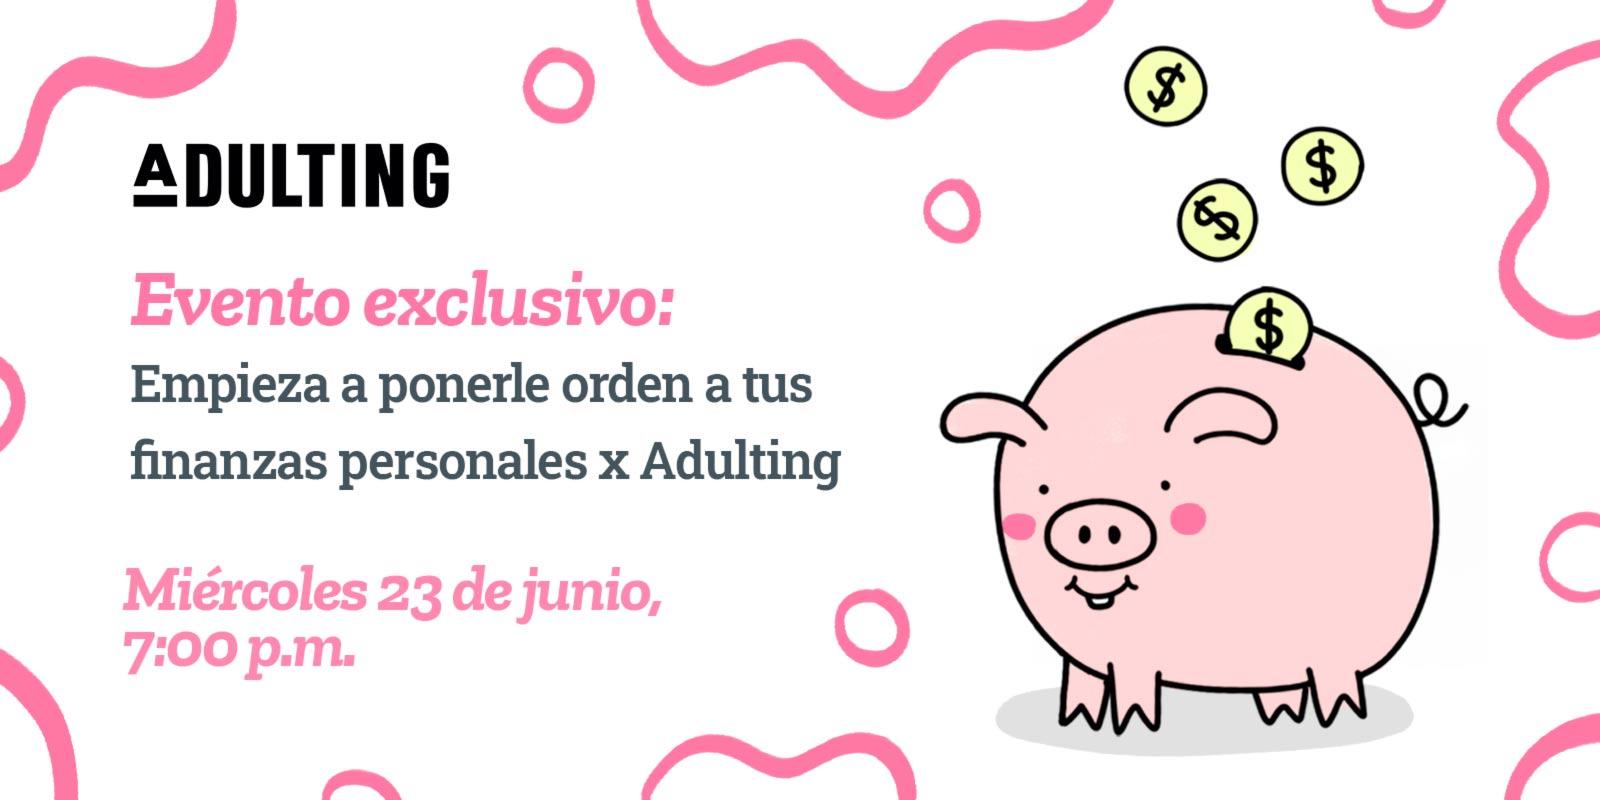 Empieza a ponerle orden a tus Finanzas Personales x Adulting